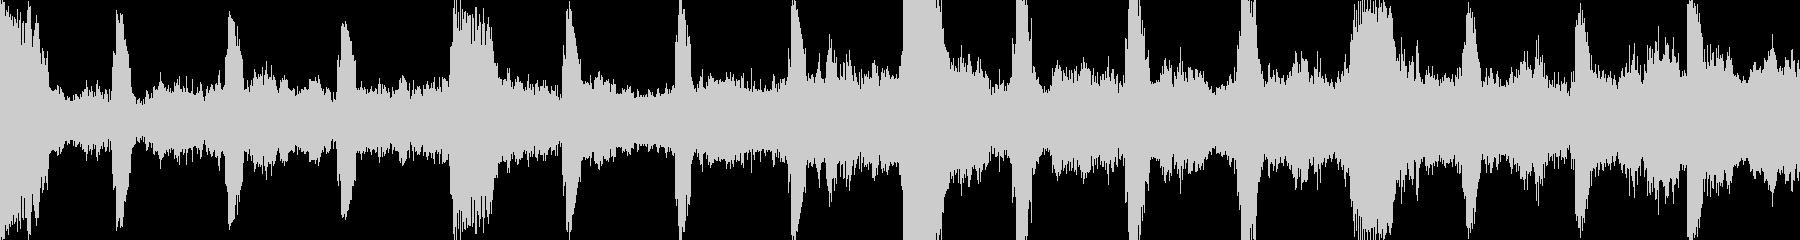 不気味なダーク・アンビエント・ループ◯の未再生の波形